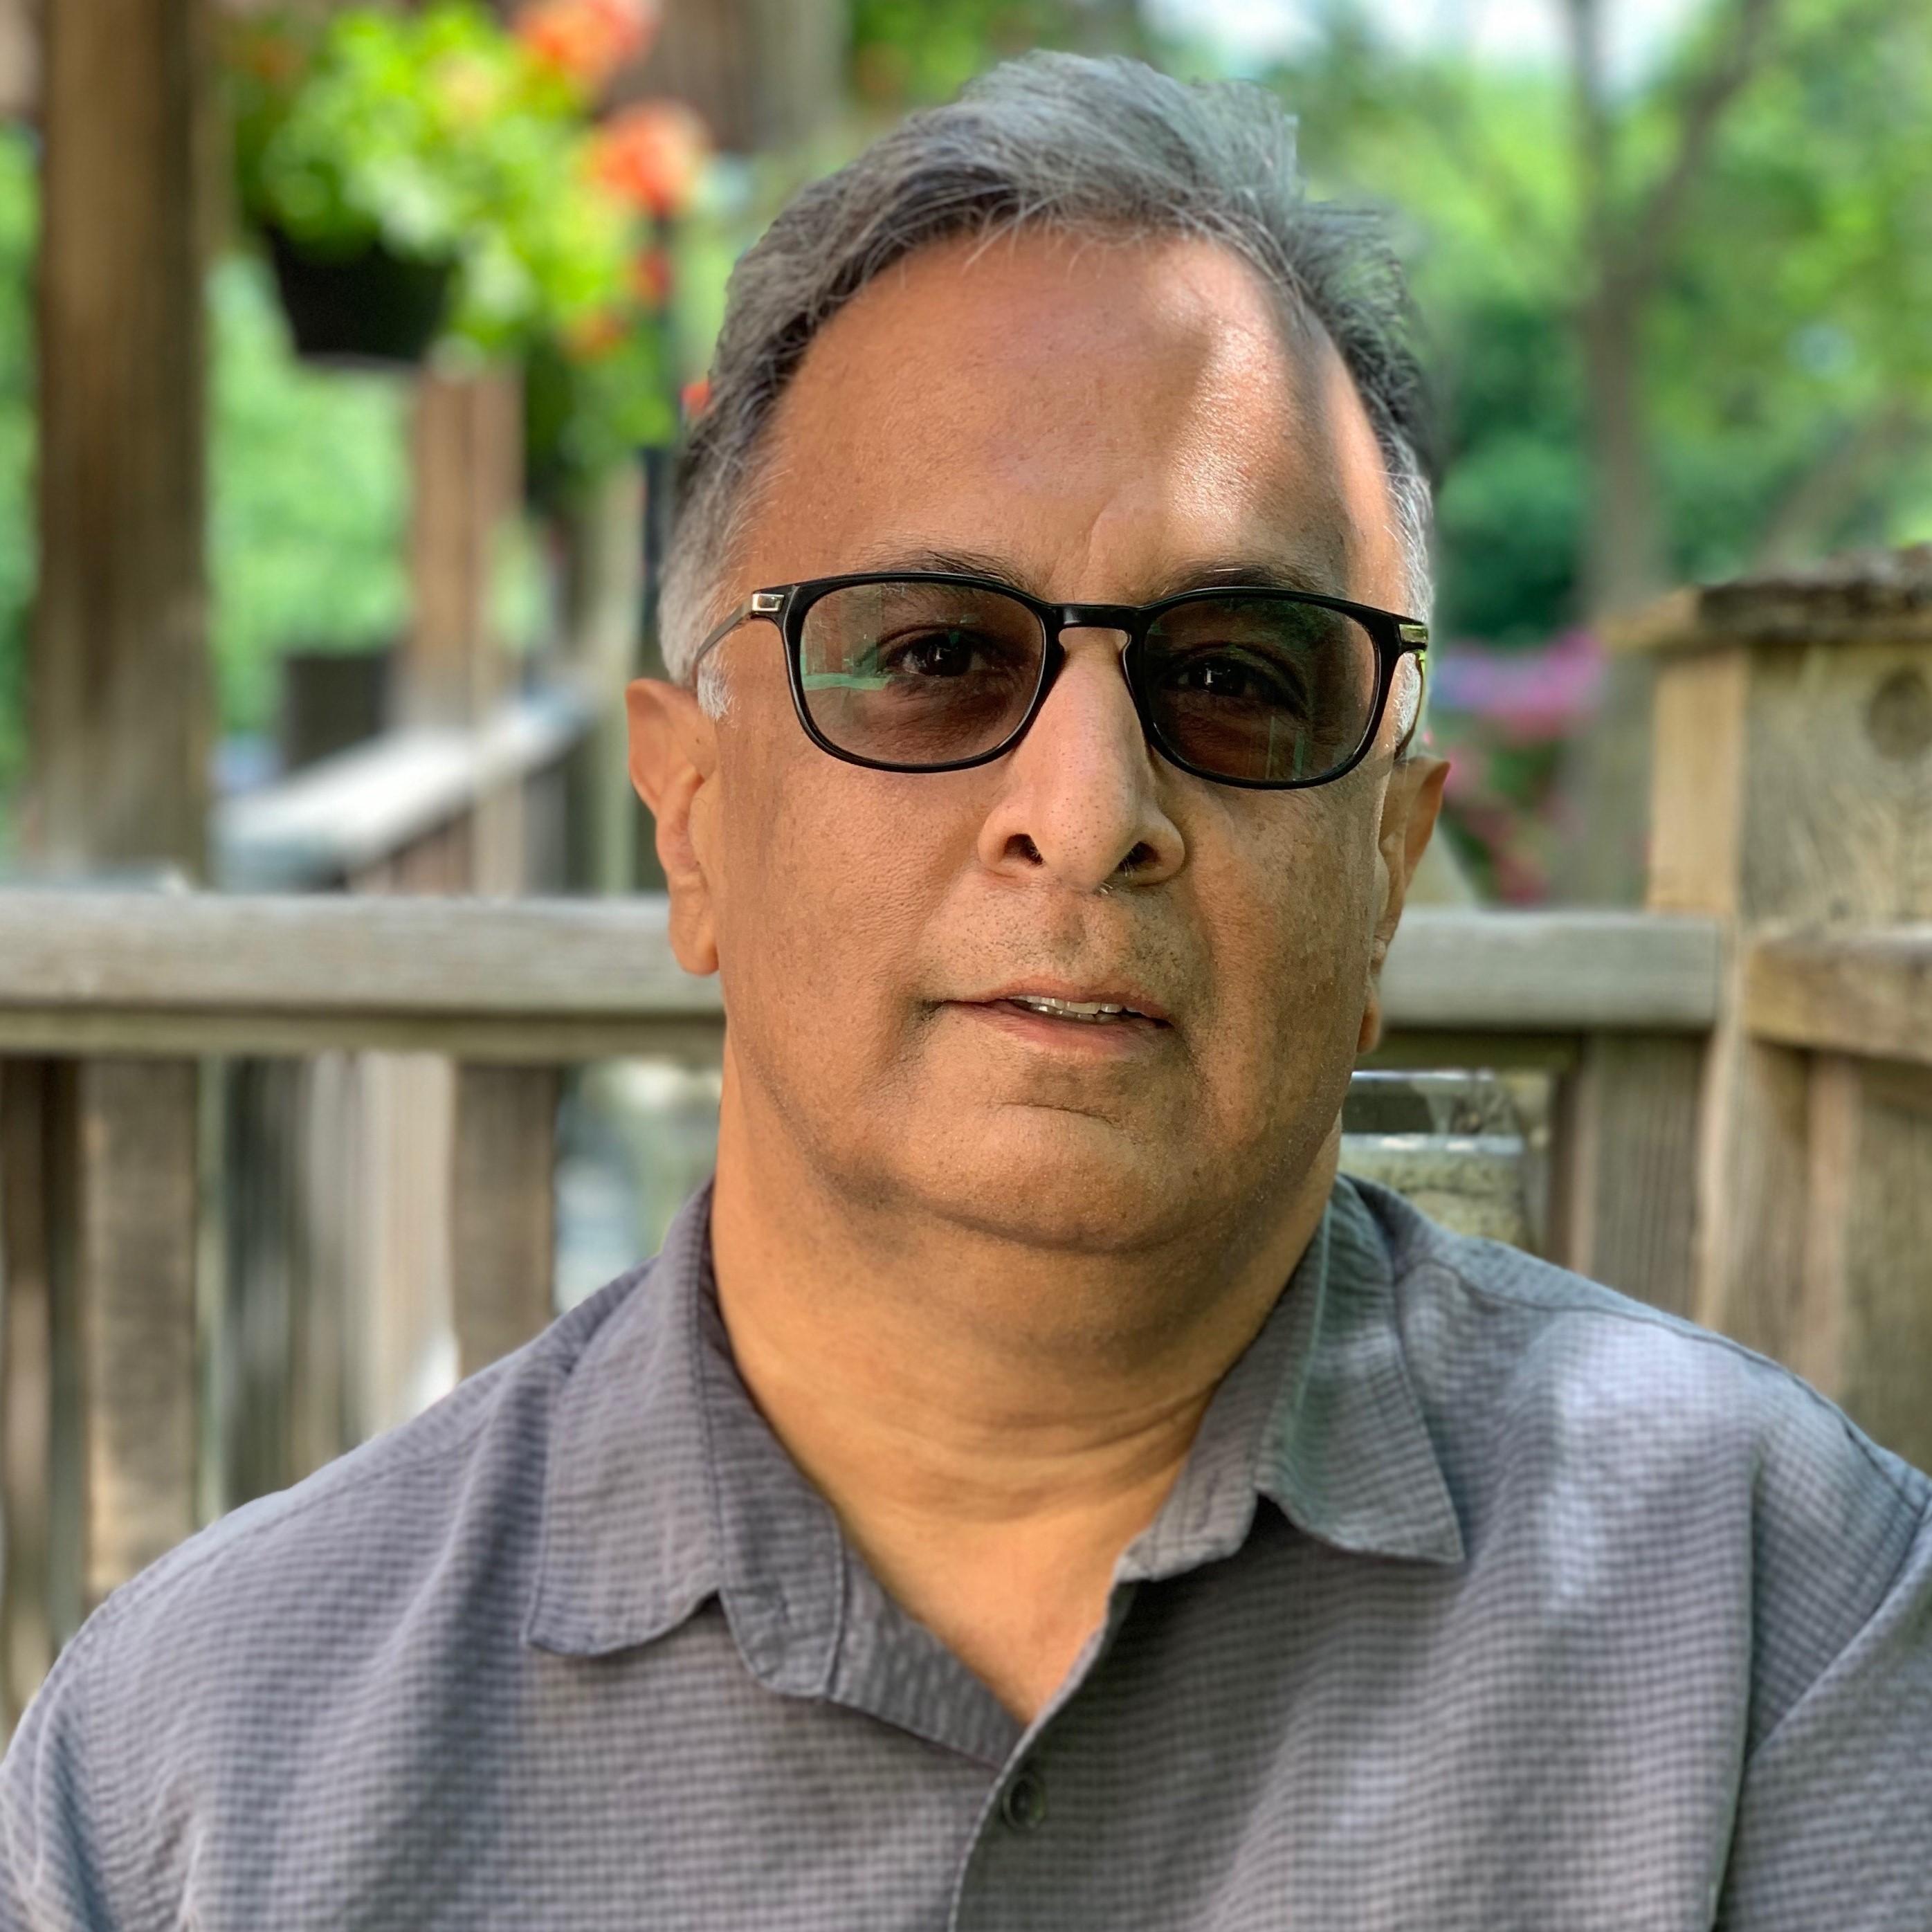 Dr Rashmi Kothary